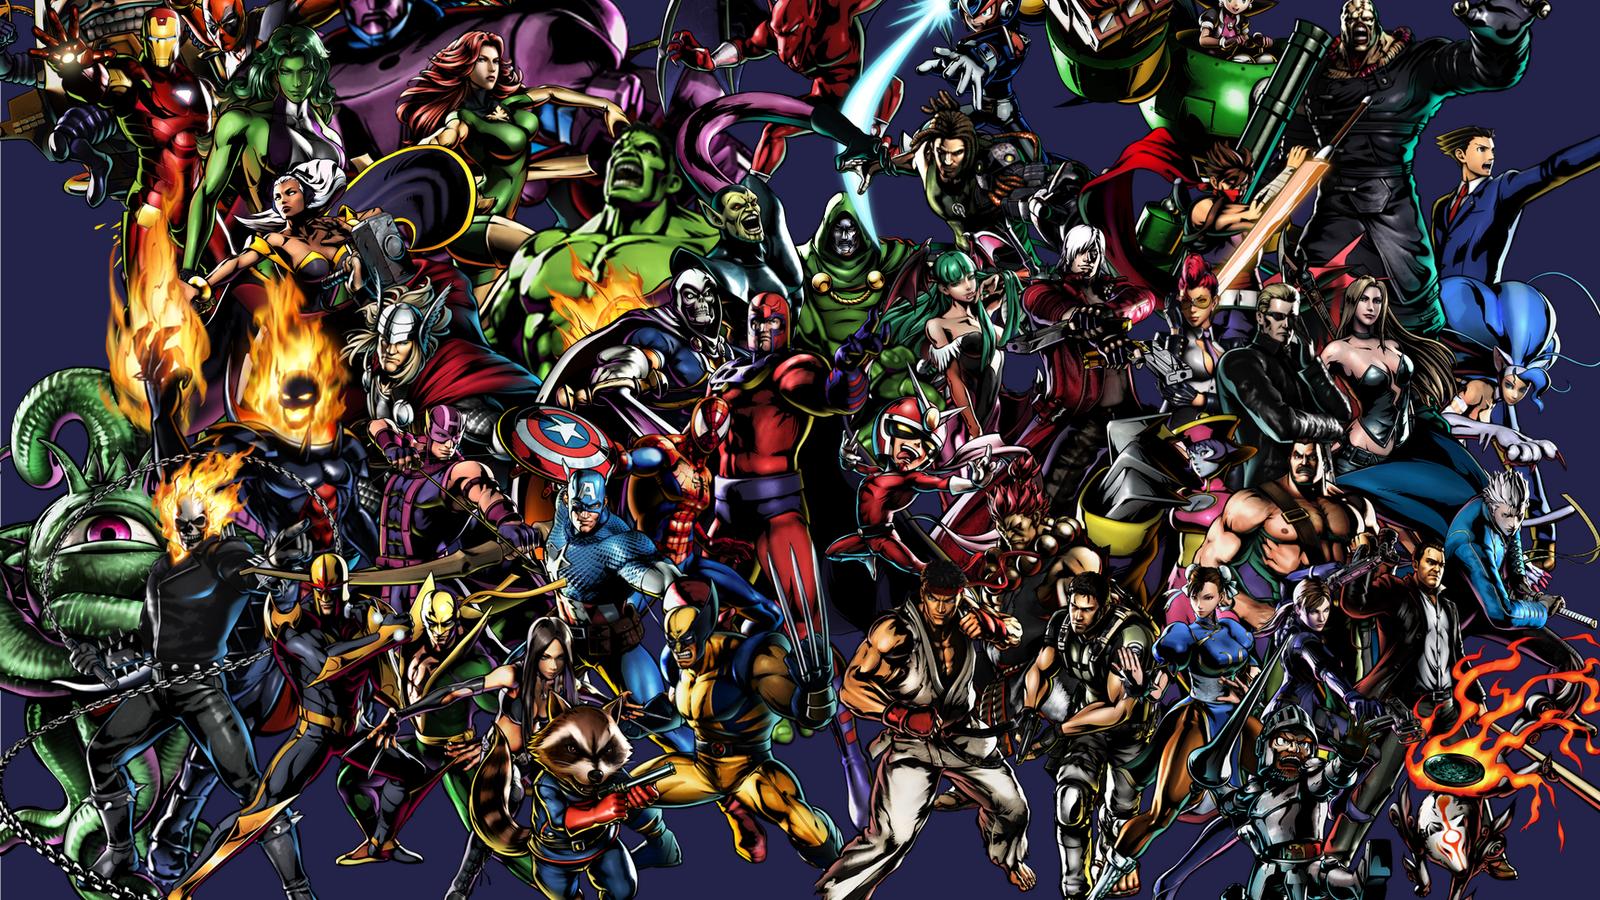 Free Download Marvel Vs Capcom 3 Wallpaper Hd Wallpapers